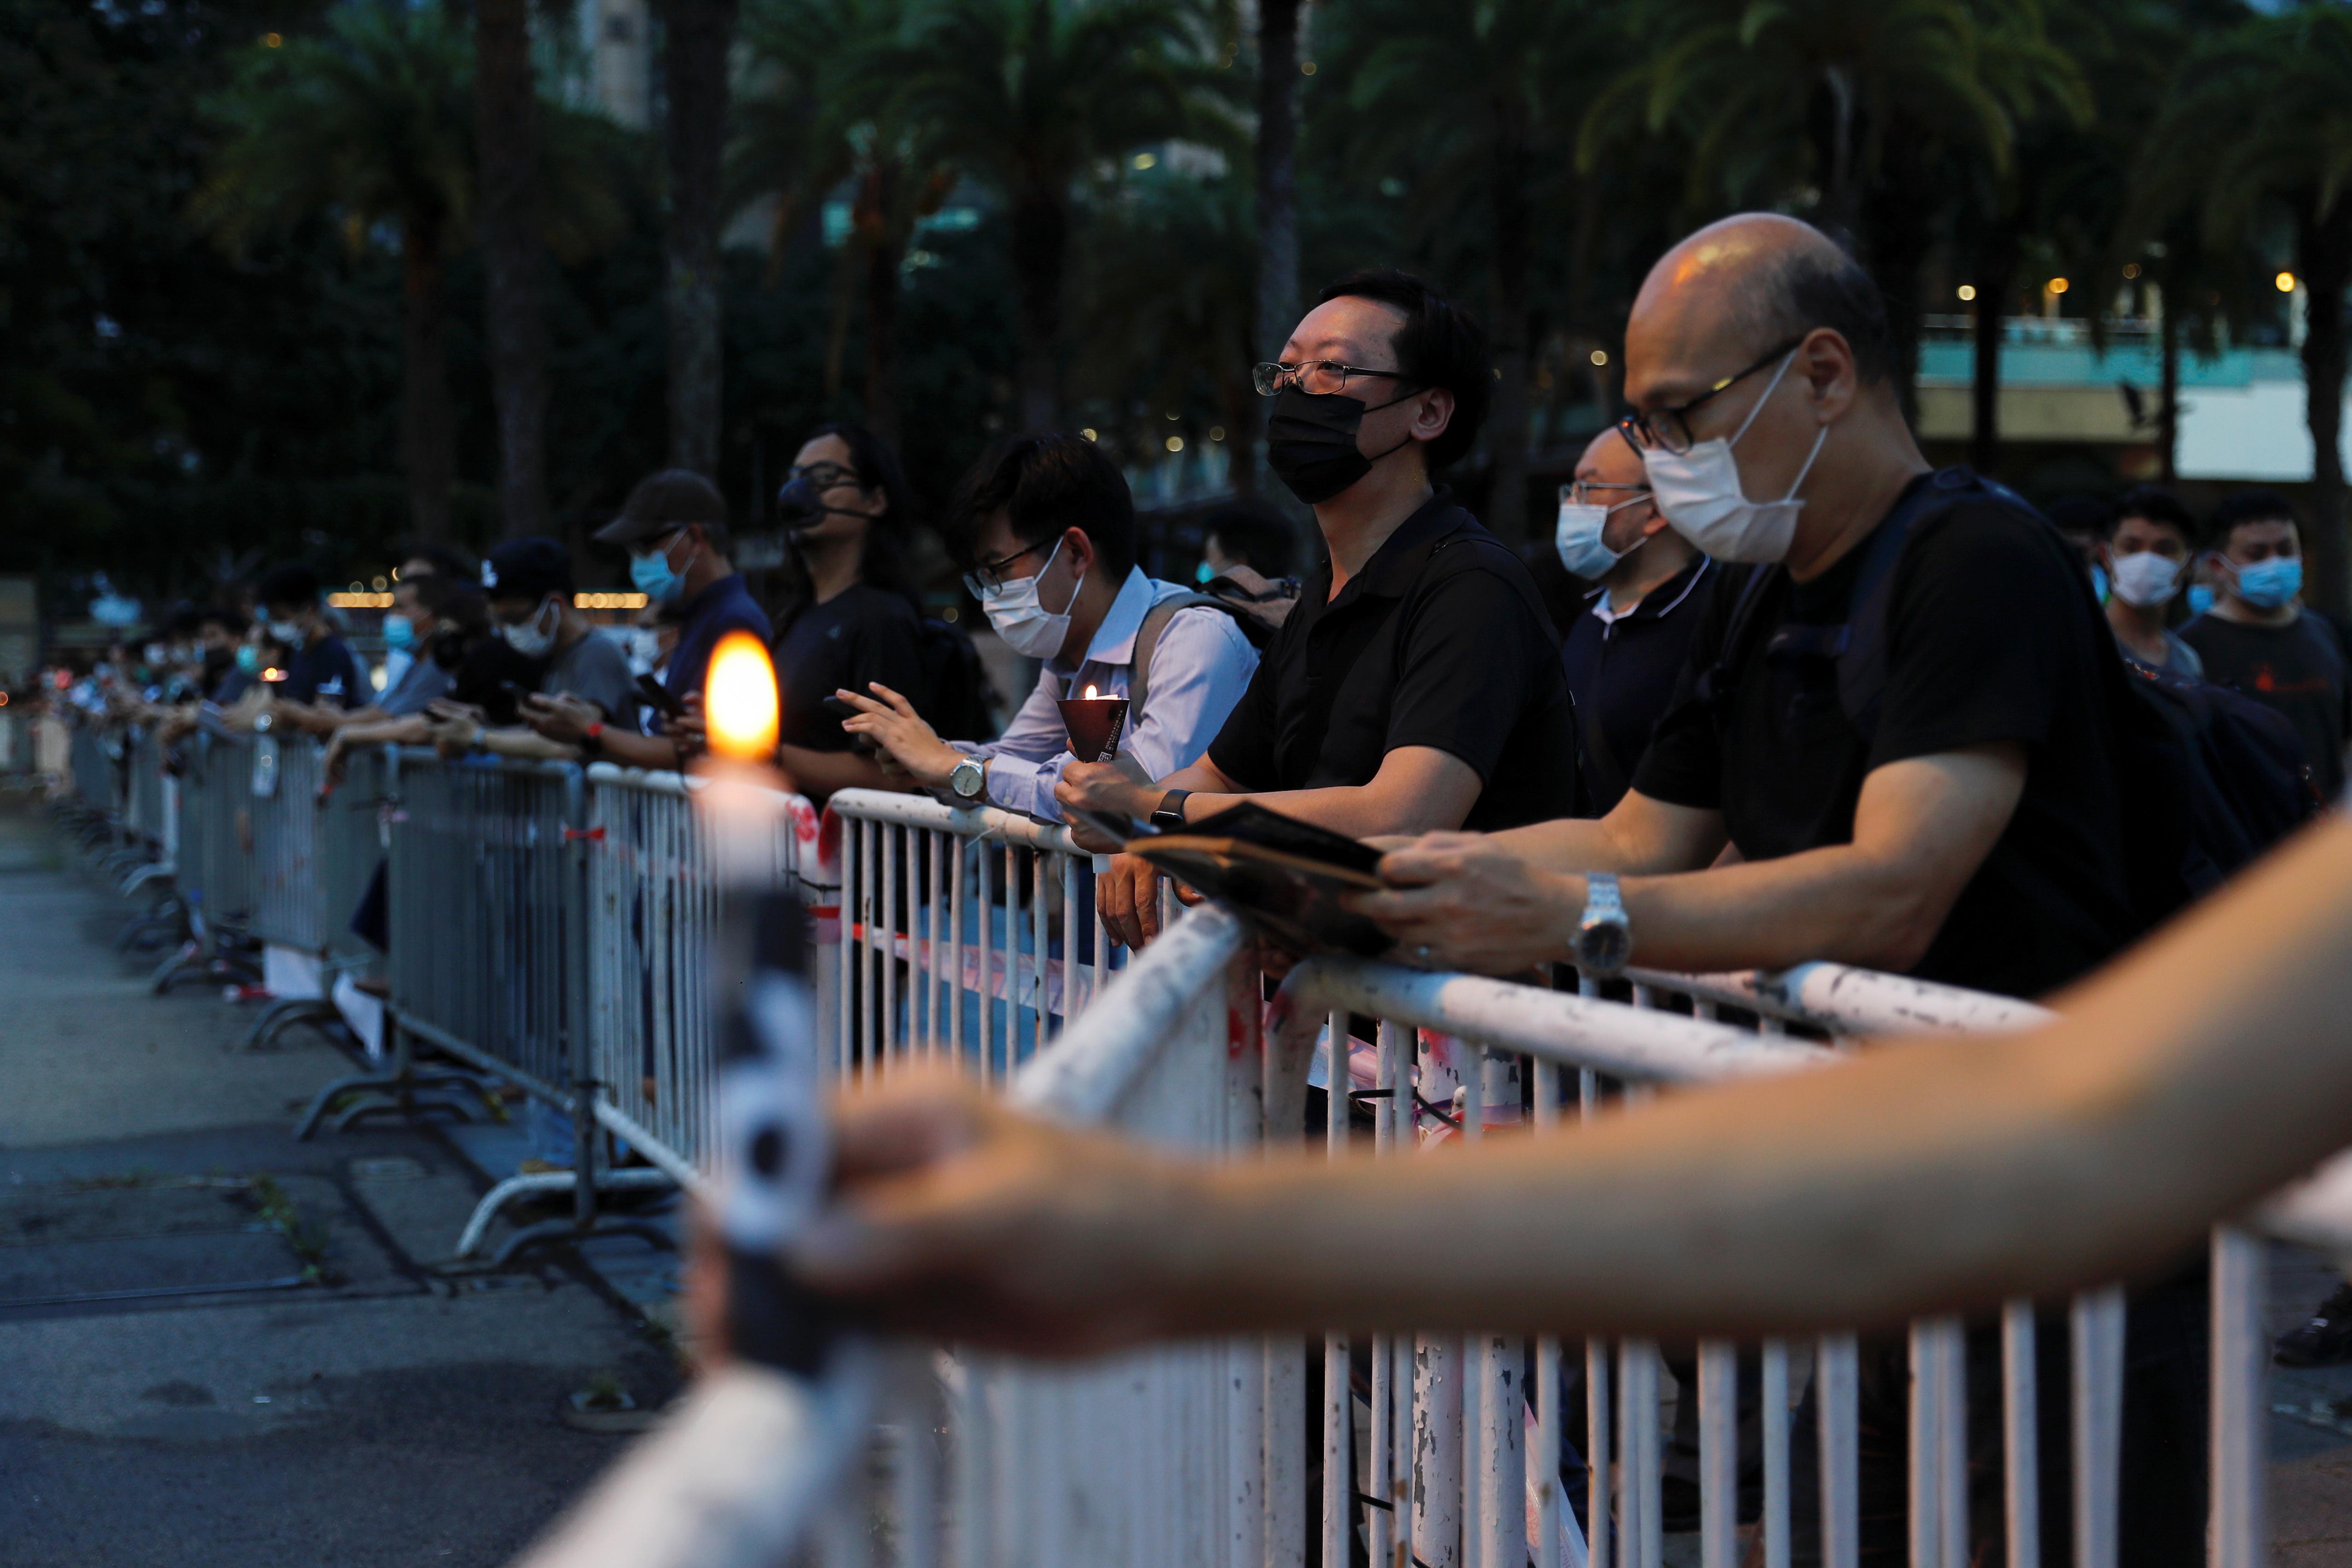 El presidente del Parlamento, Andrew Leung, justificó que se votara pese a saltarse las cinco horas de debate parlamentario que restaban